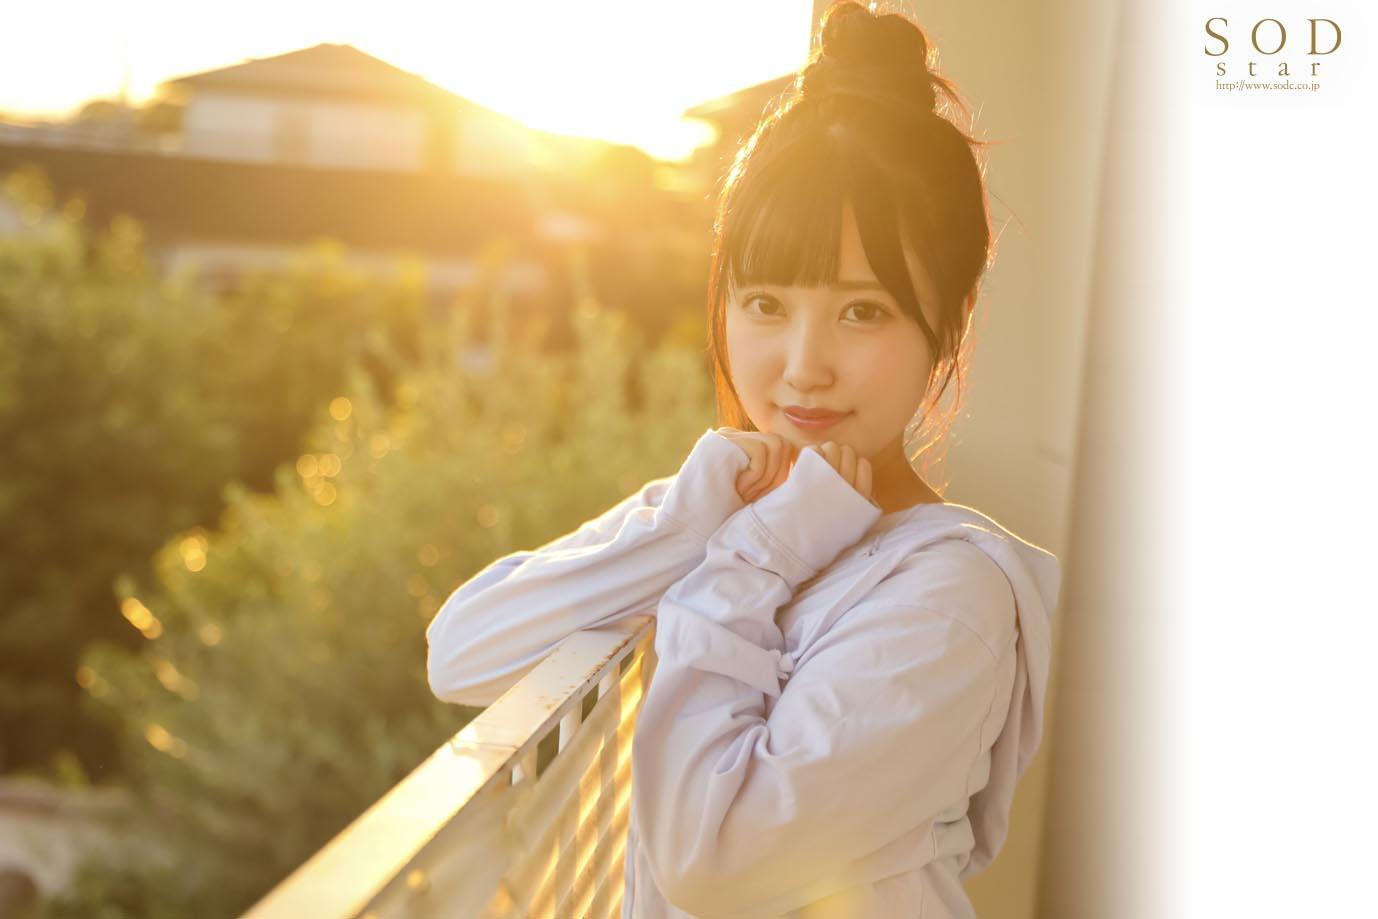 朝田ひまり AV debut 新人グラドル18才 SODstar史上最小147cm 低身長巨乳,のサンプル画像1